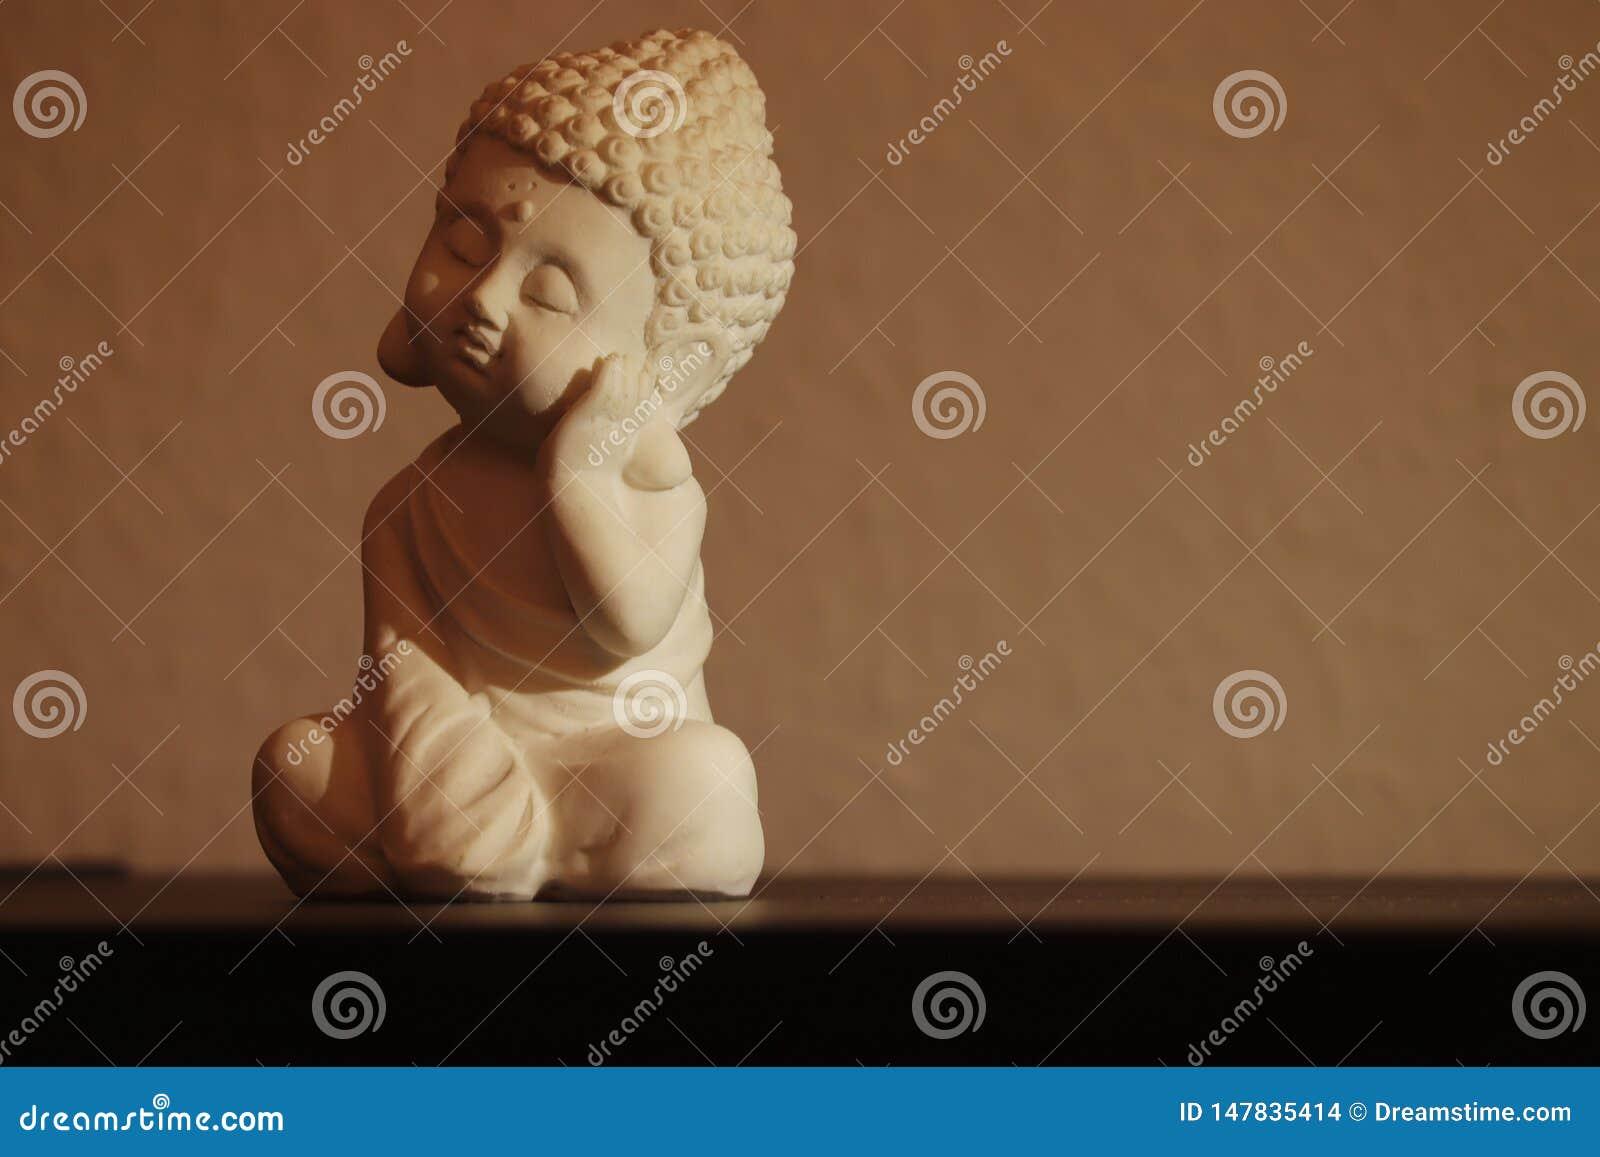 Λίγος ύπνος του Βούδα ειρηνικά σε μια θέση συνεδρίασης